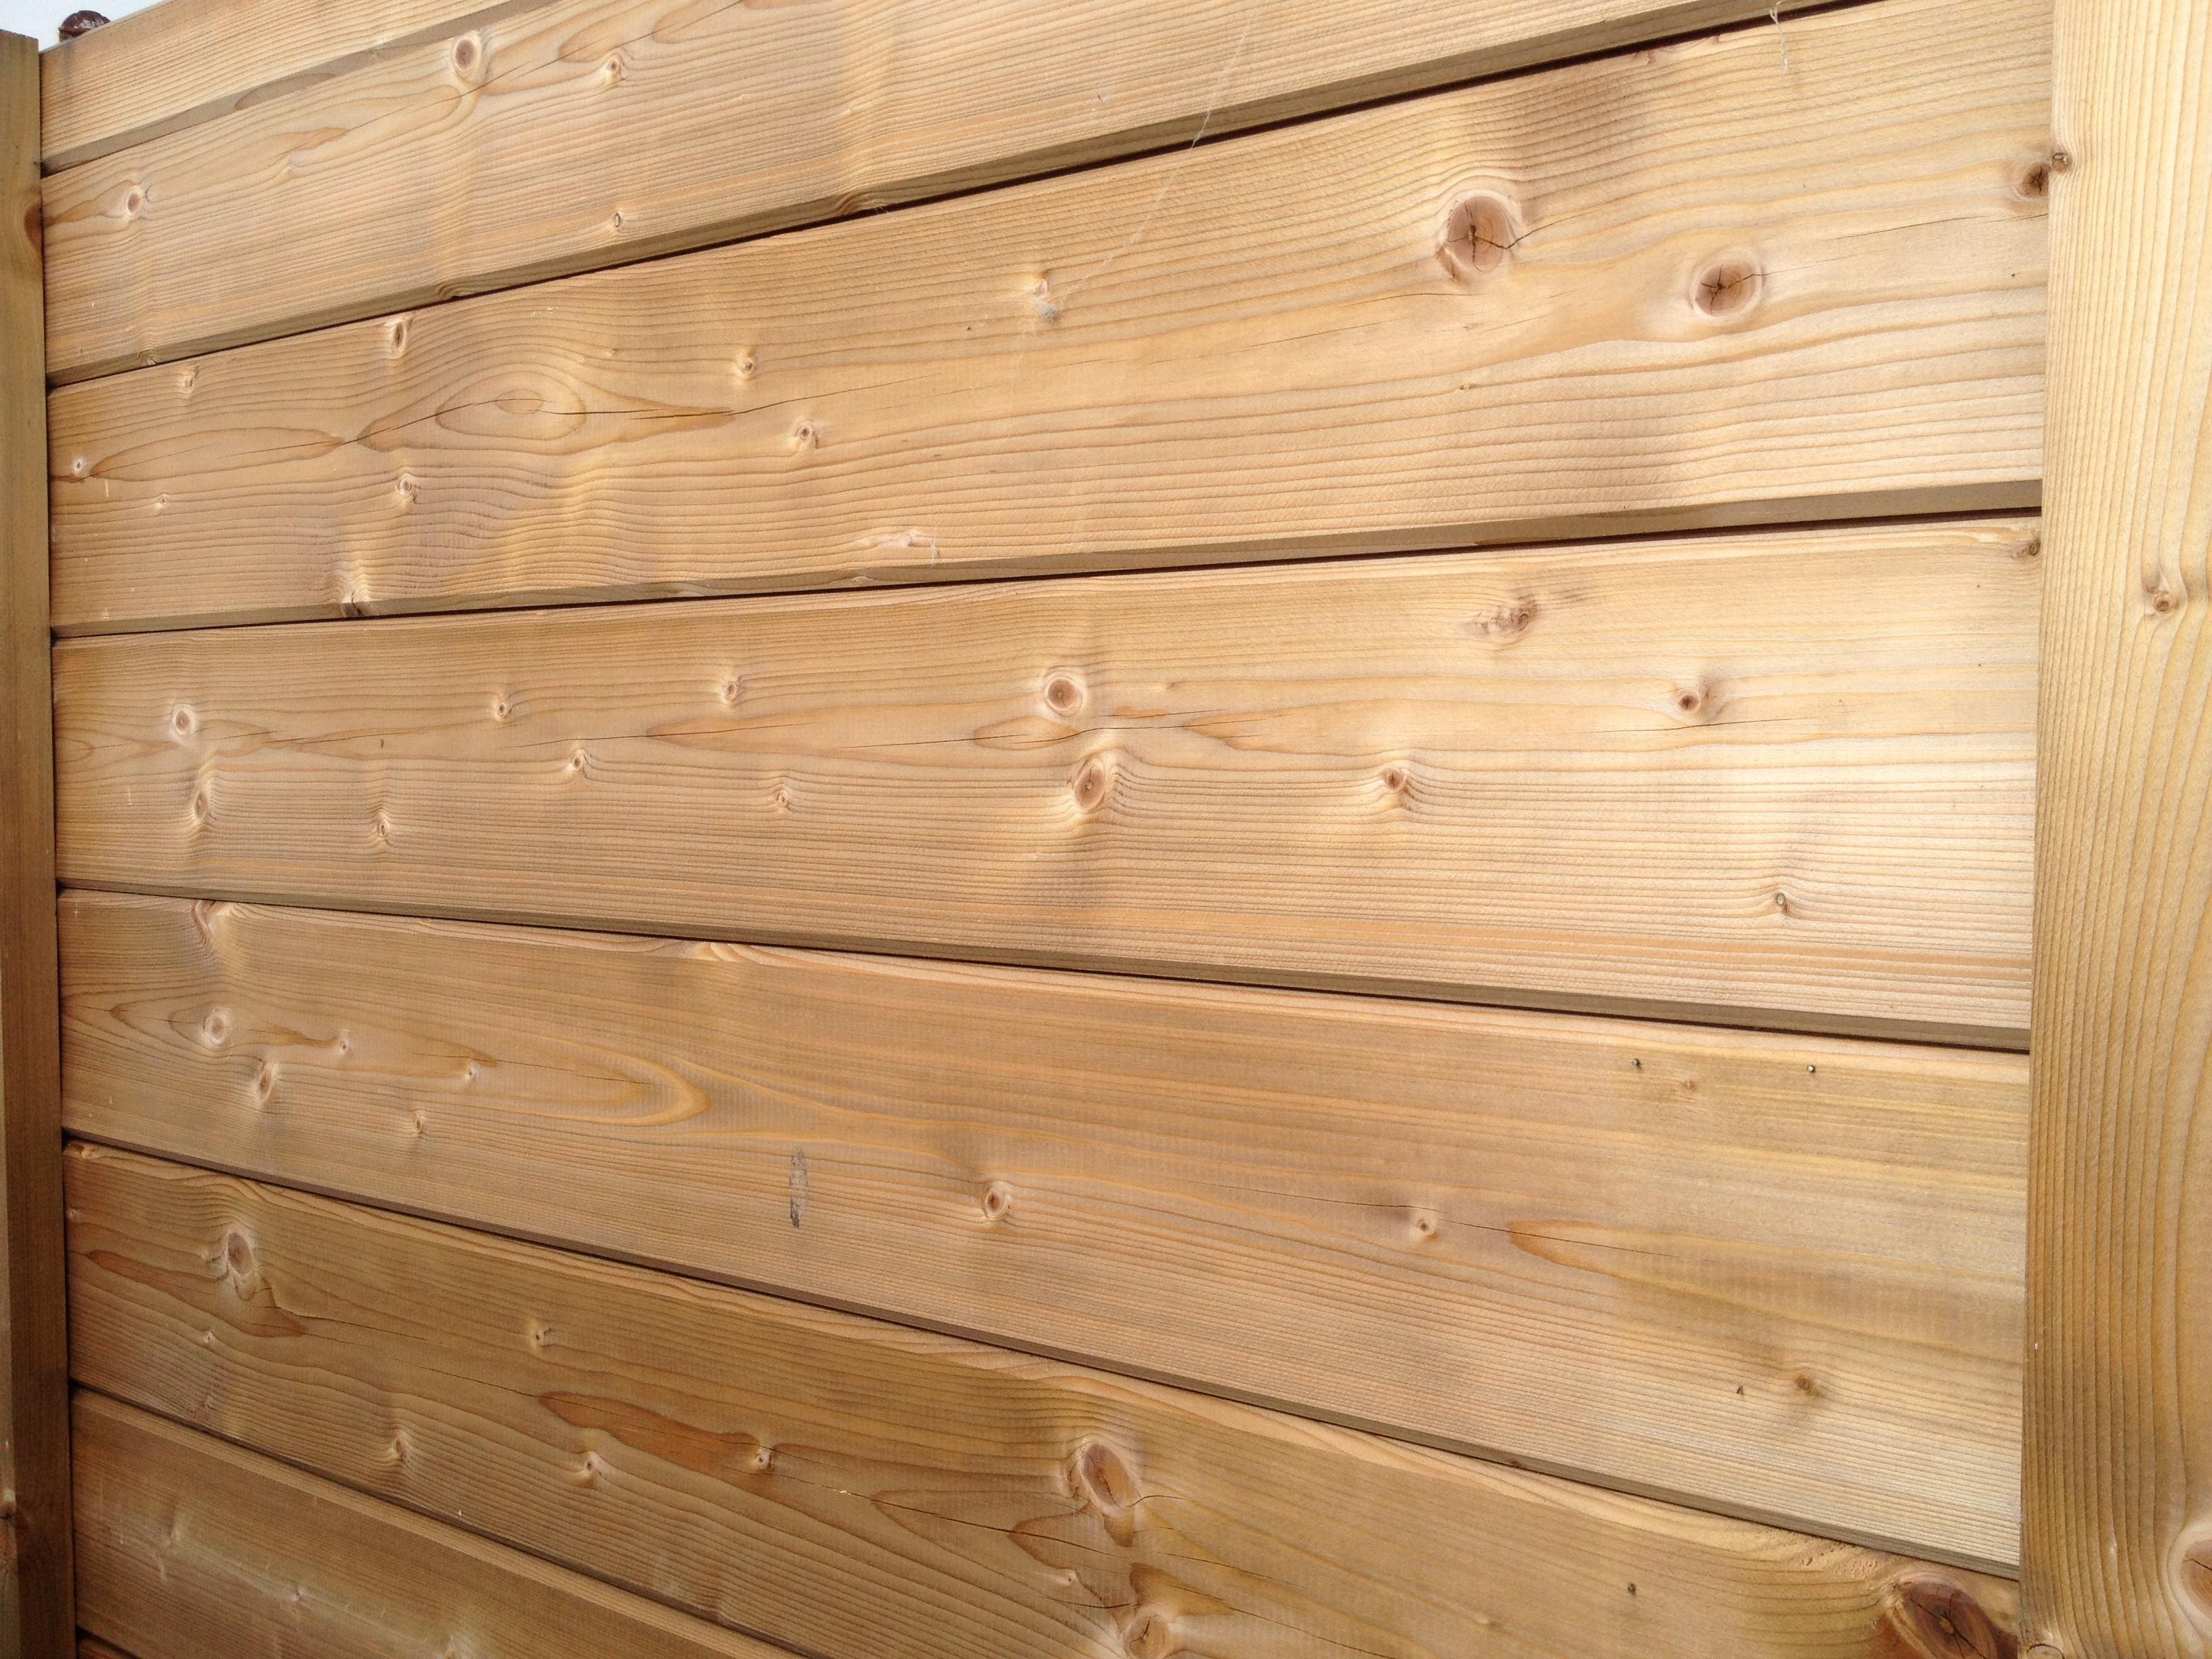 Tasseau Bois Exotique Exterieur lame clôture bois 27x130mm - traité classe 3